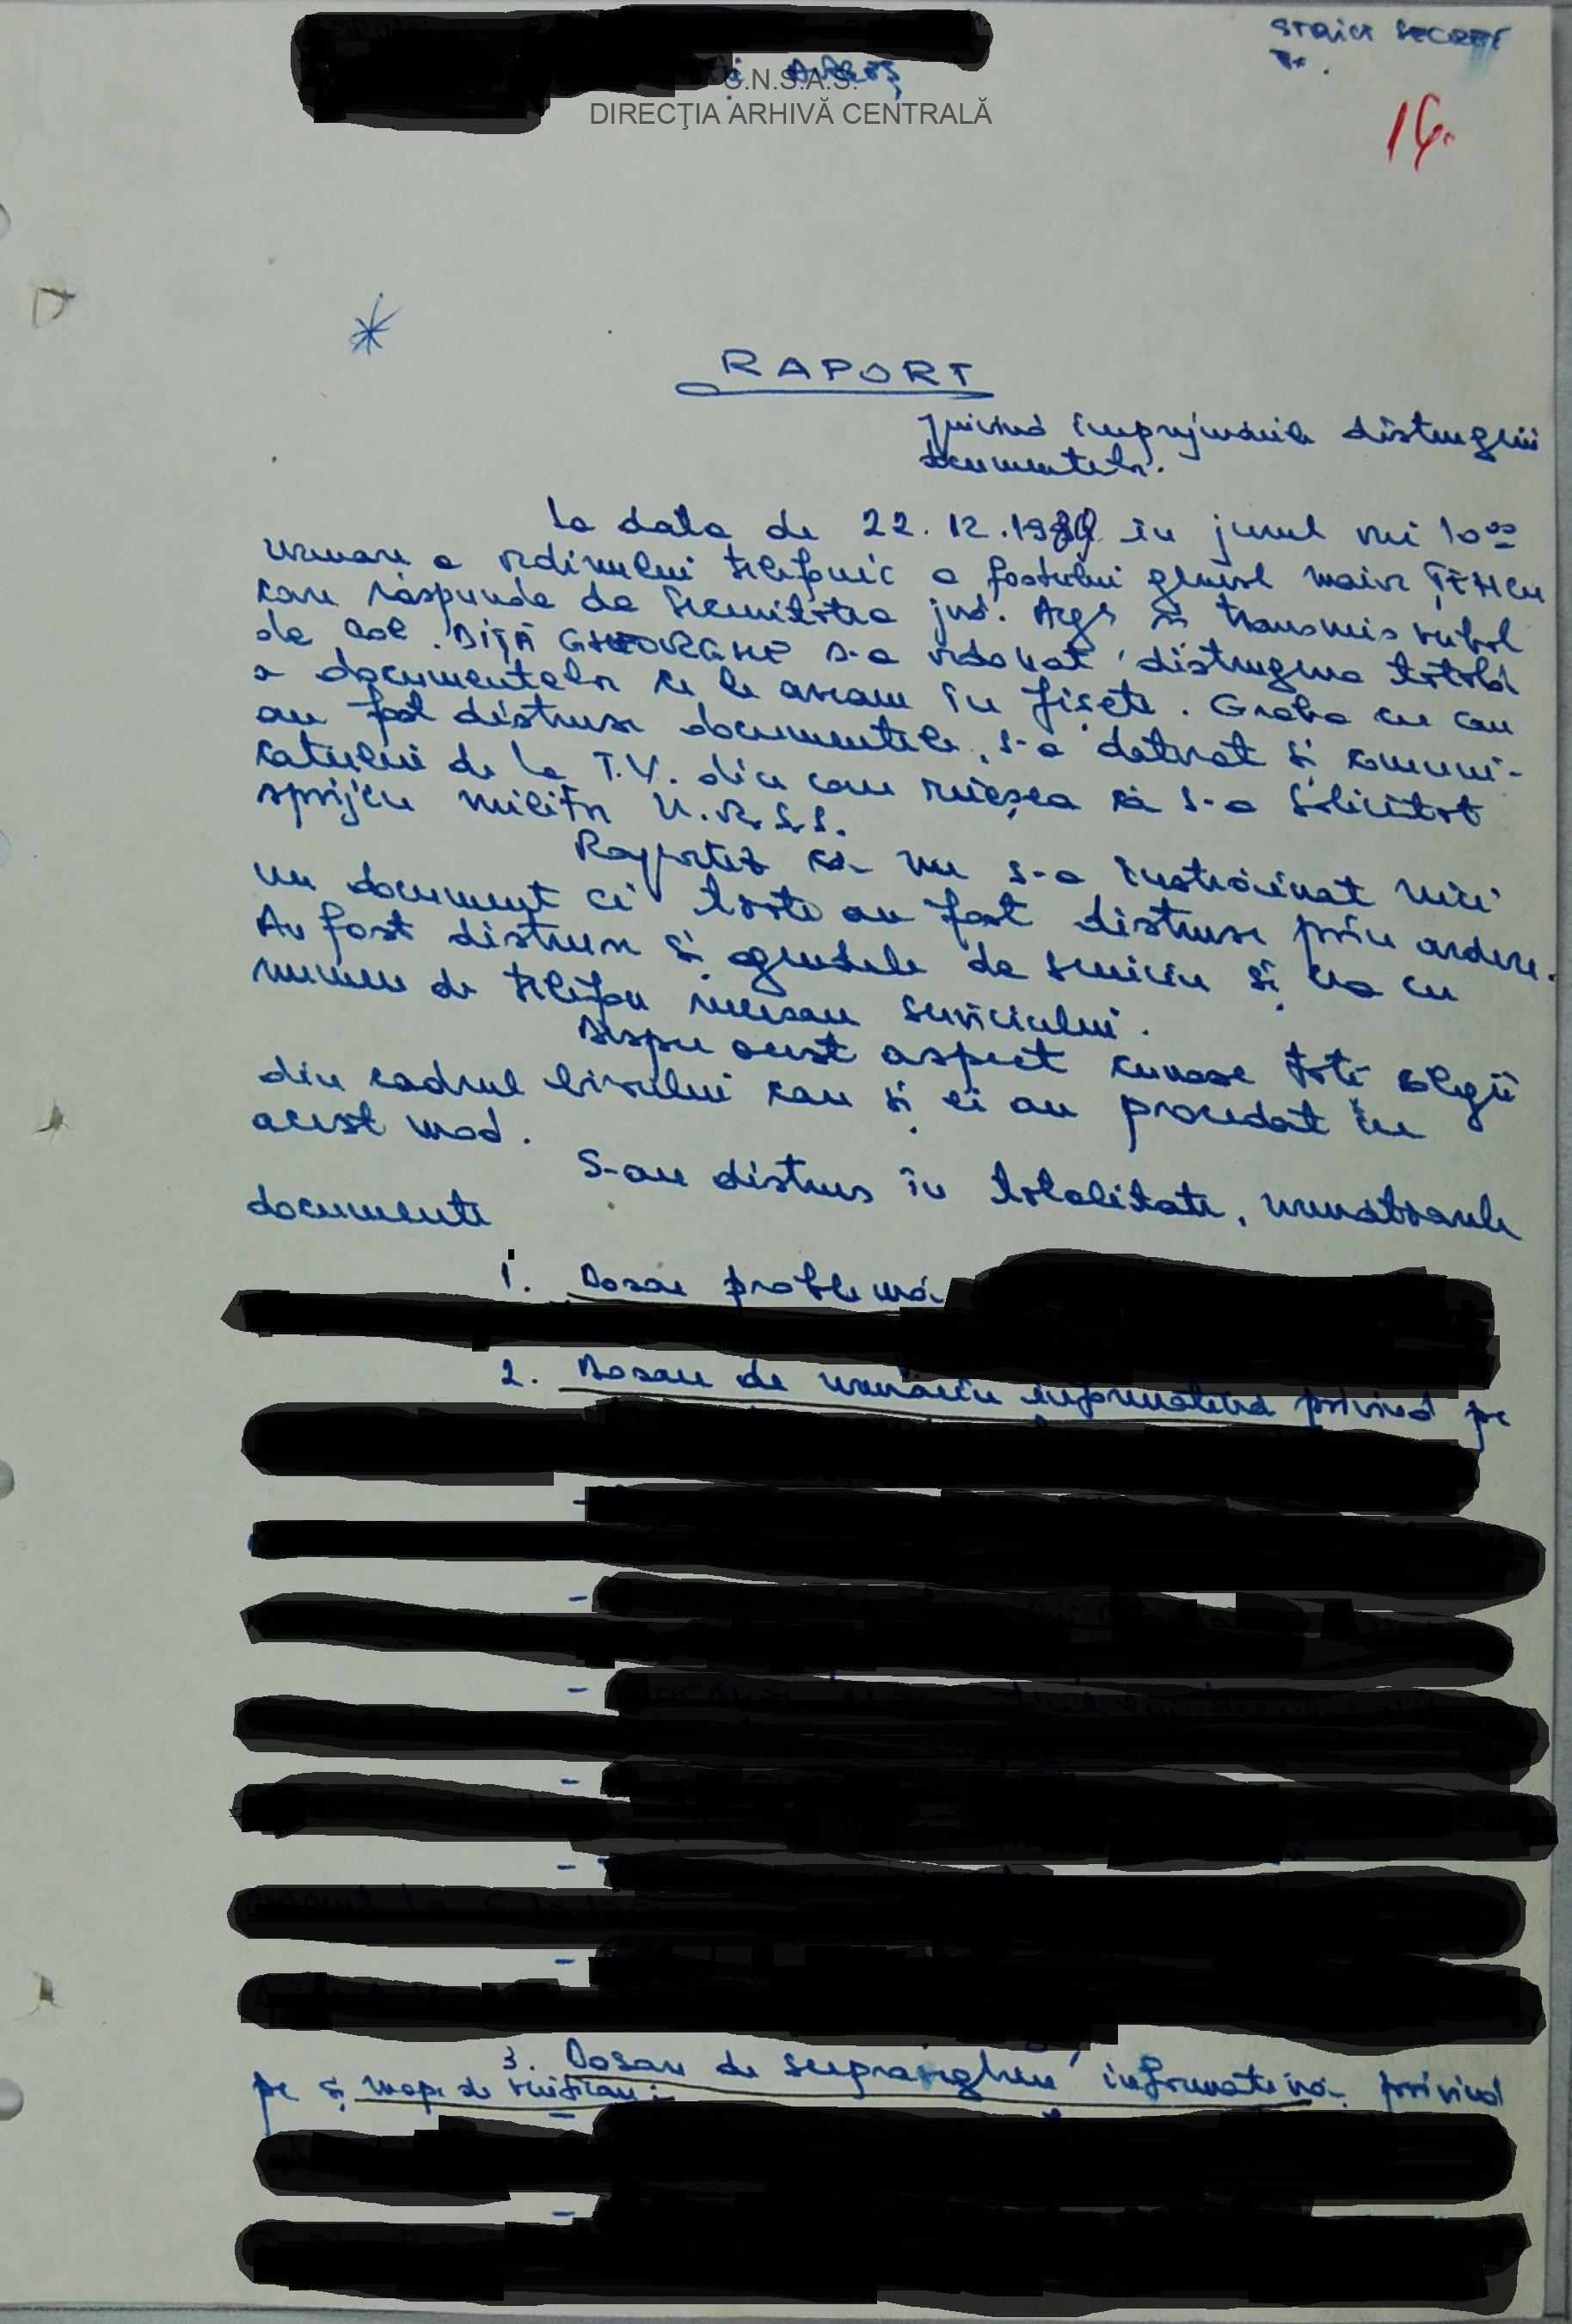 http://revista22.ro/files/news/manset/default/Raportul-maiorului-Stanculescu.jpg